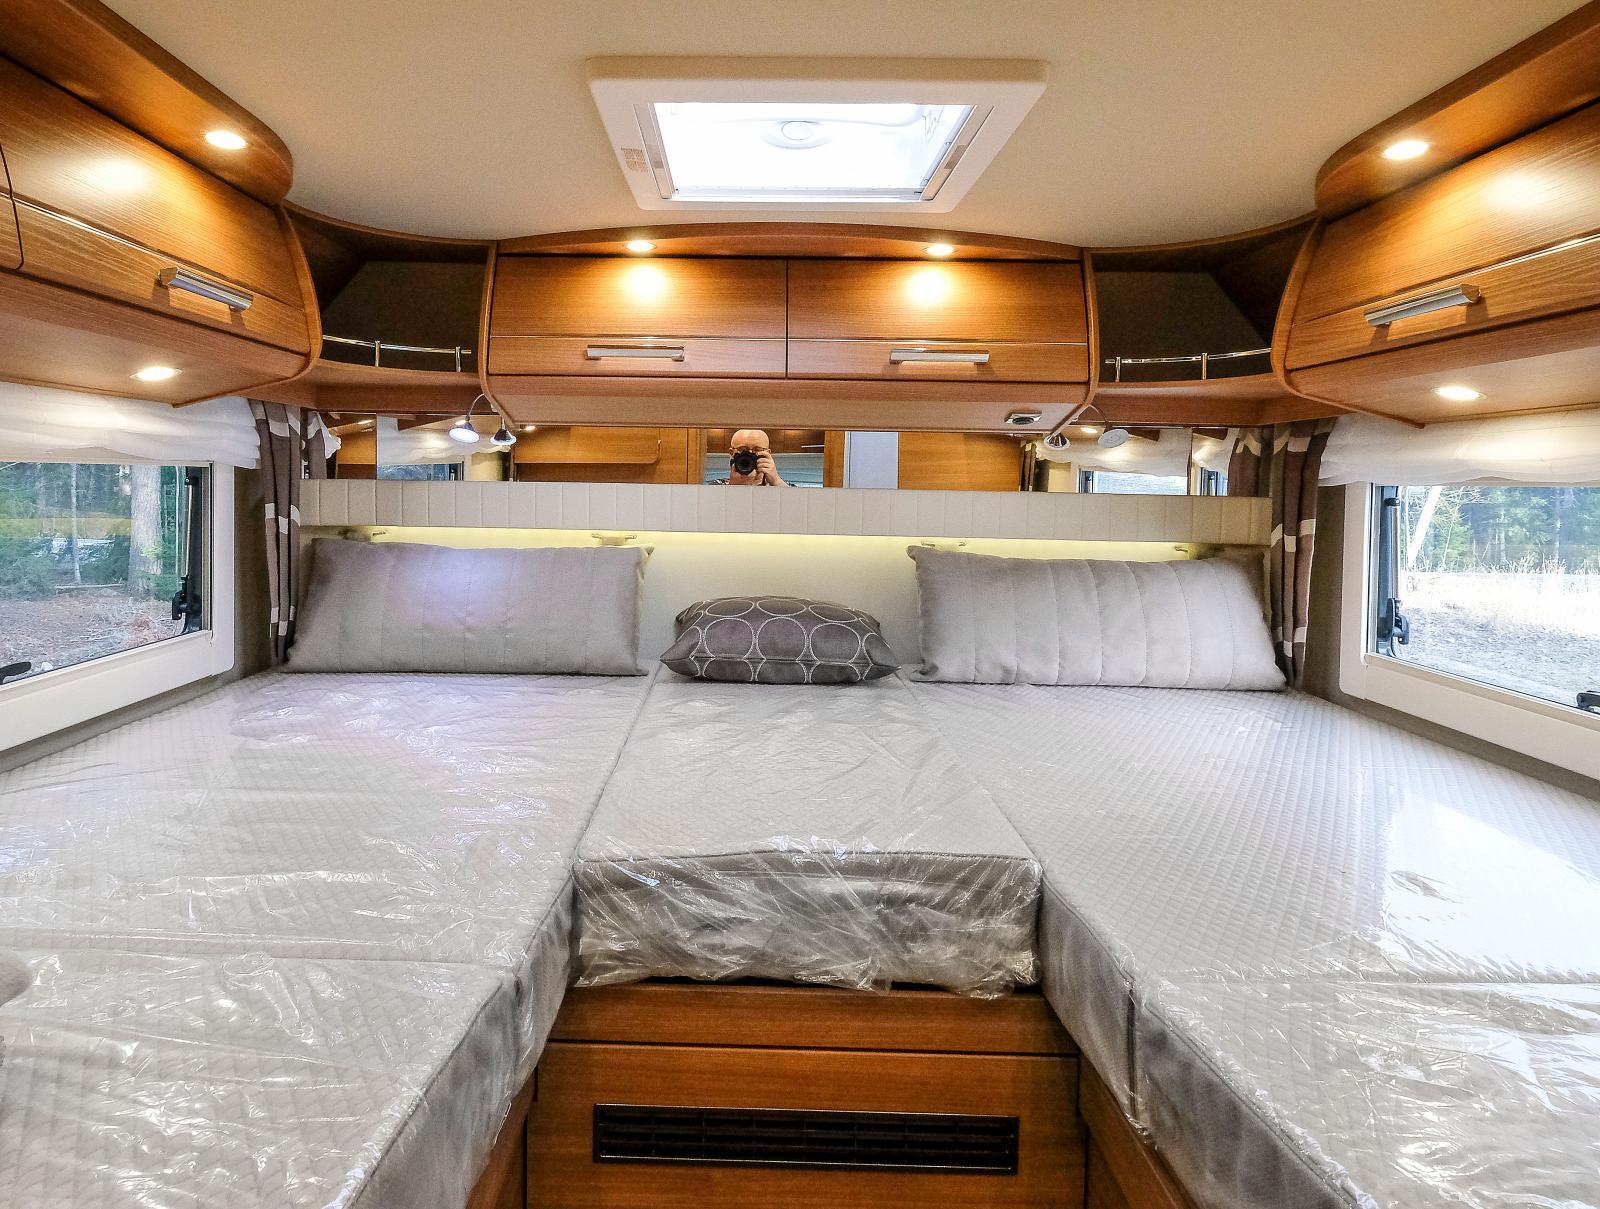 Sängarna är högt placerade på grund av garaget under sängarna.  Överskåpen ser gedigna ut, det är de också.